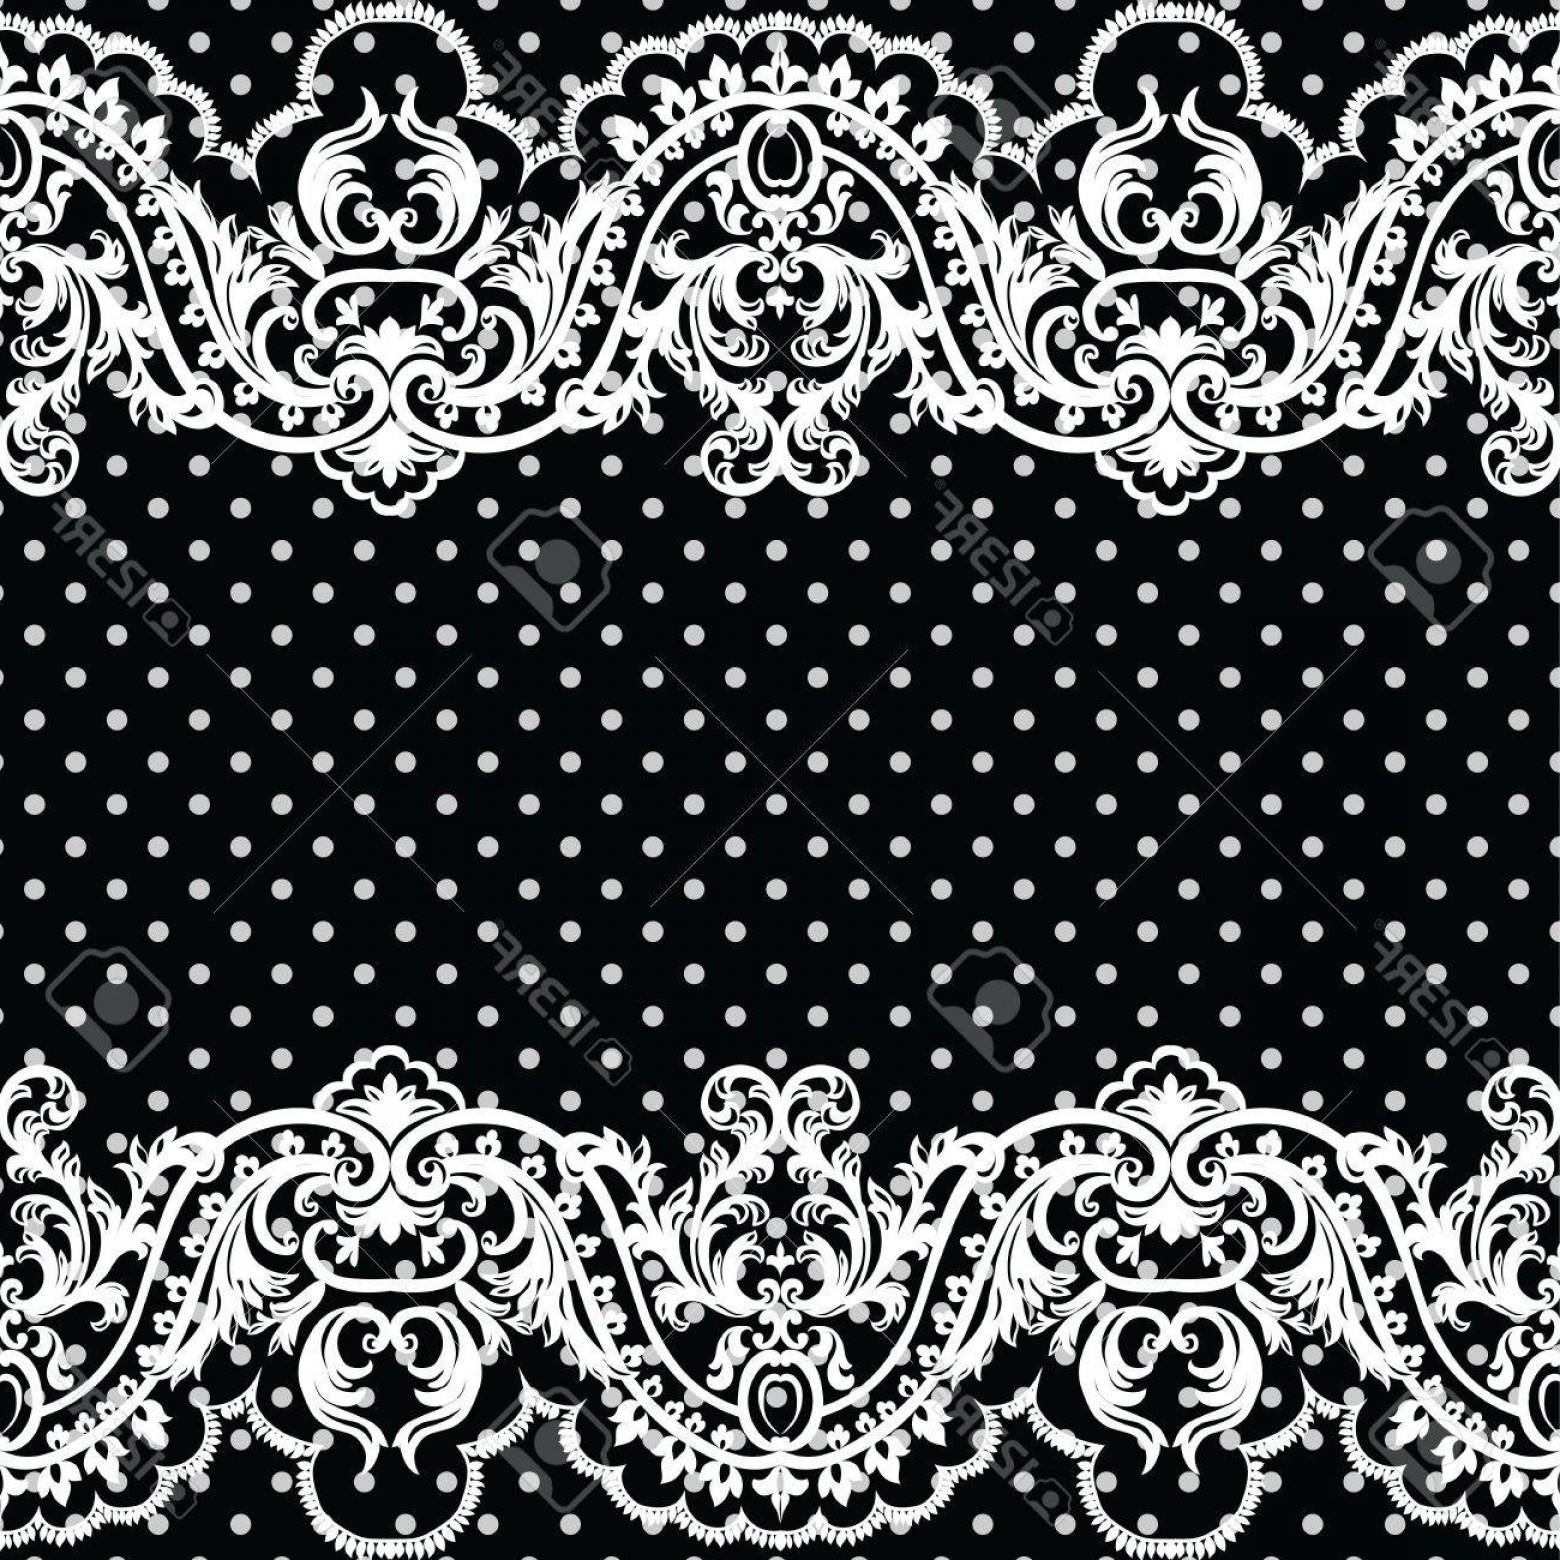 1560x1560 Photostock Vector White Vintage Lace Crochet Pattern Damask